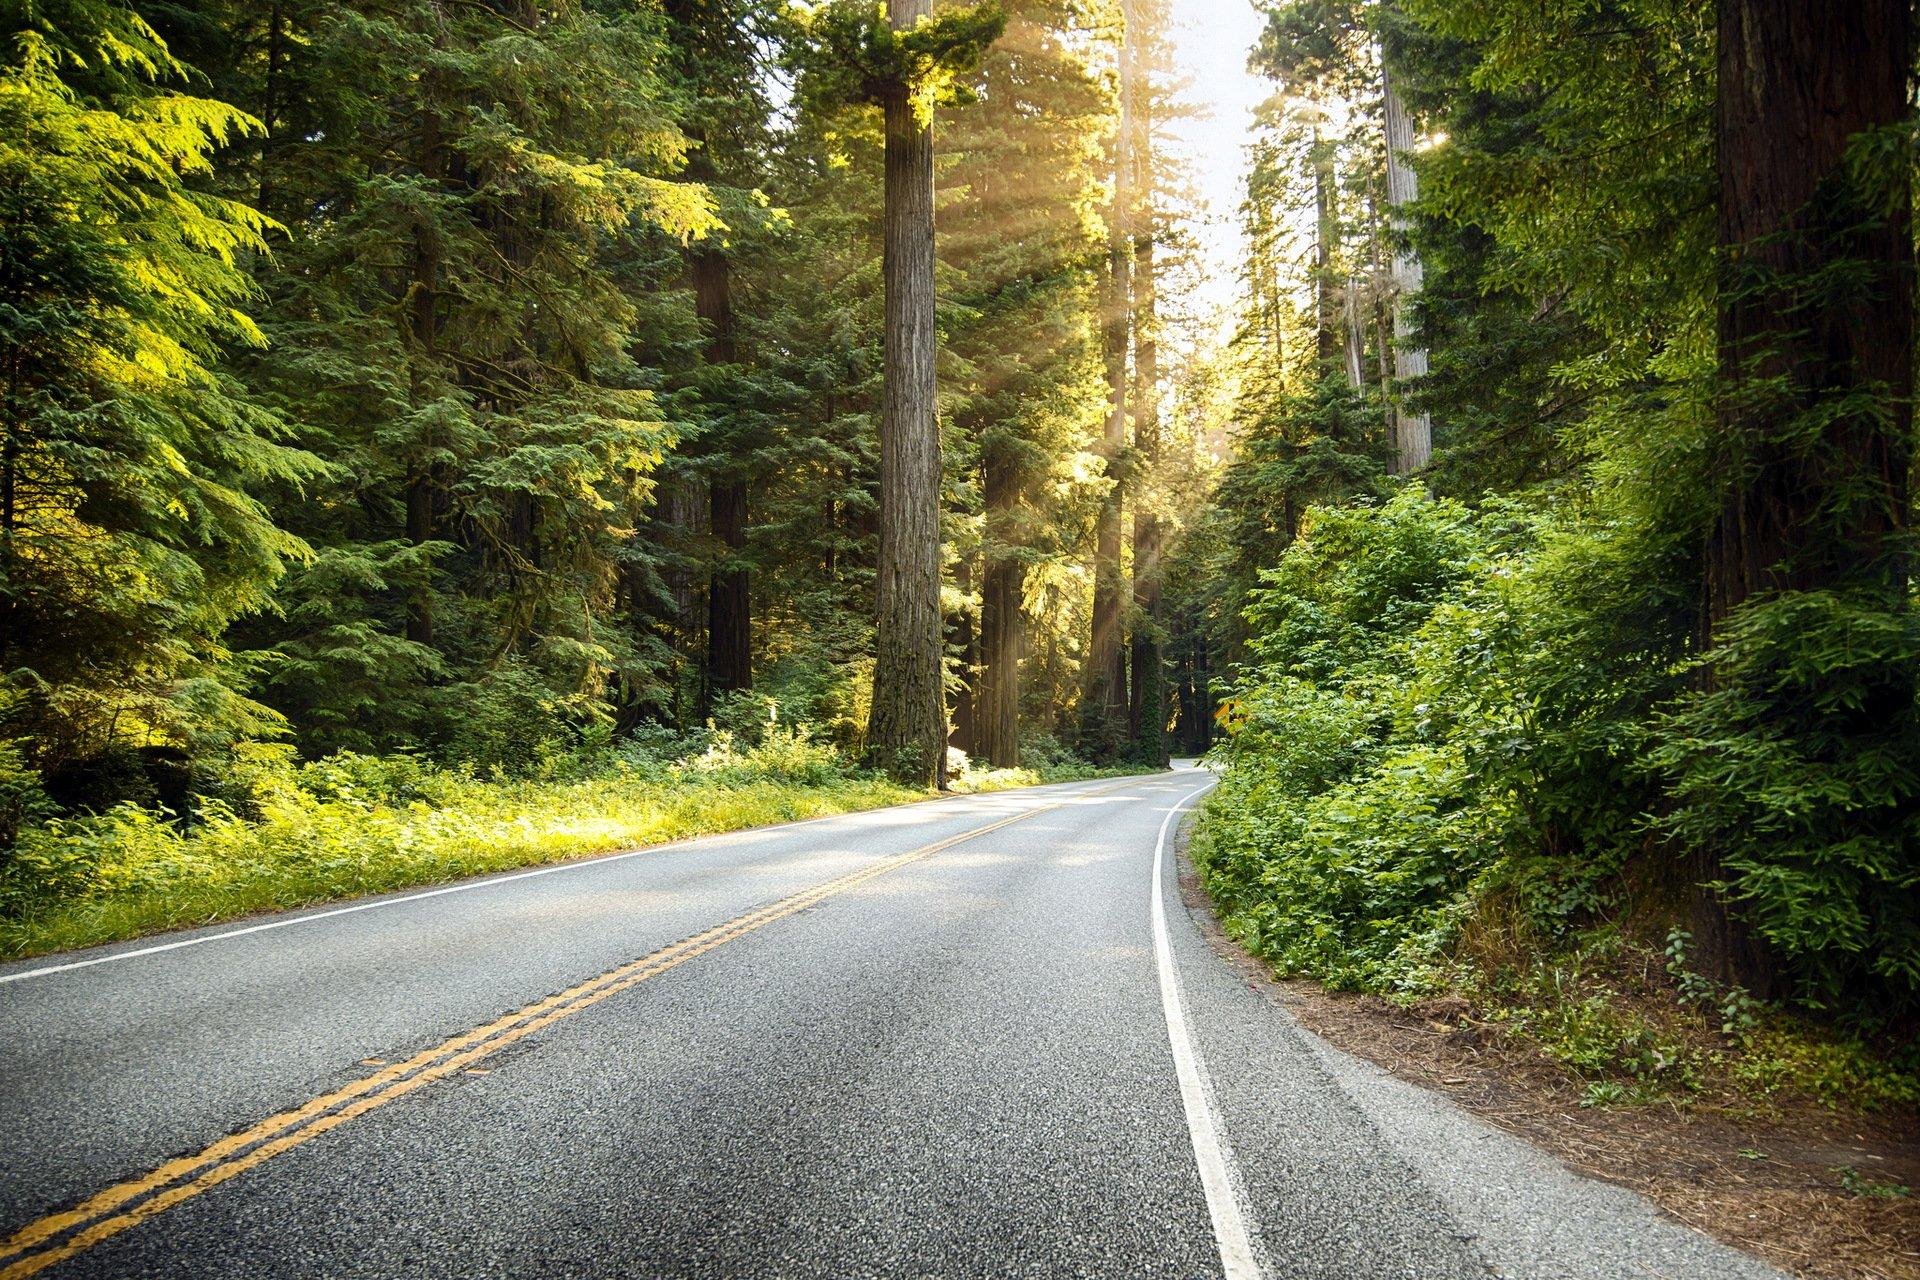 Обои на телефон дорога в лесу